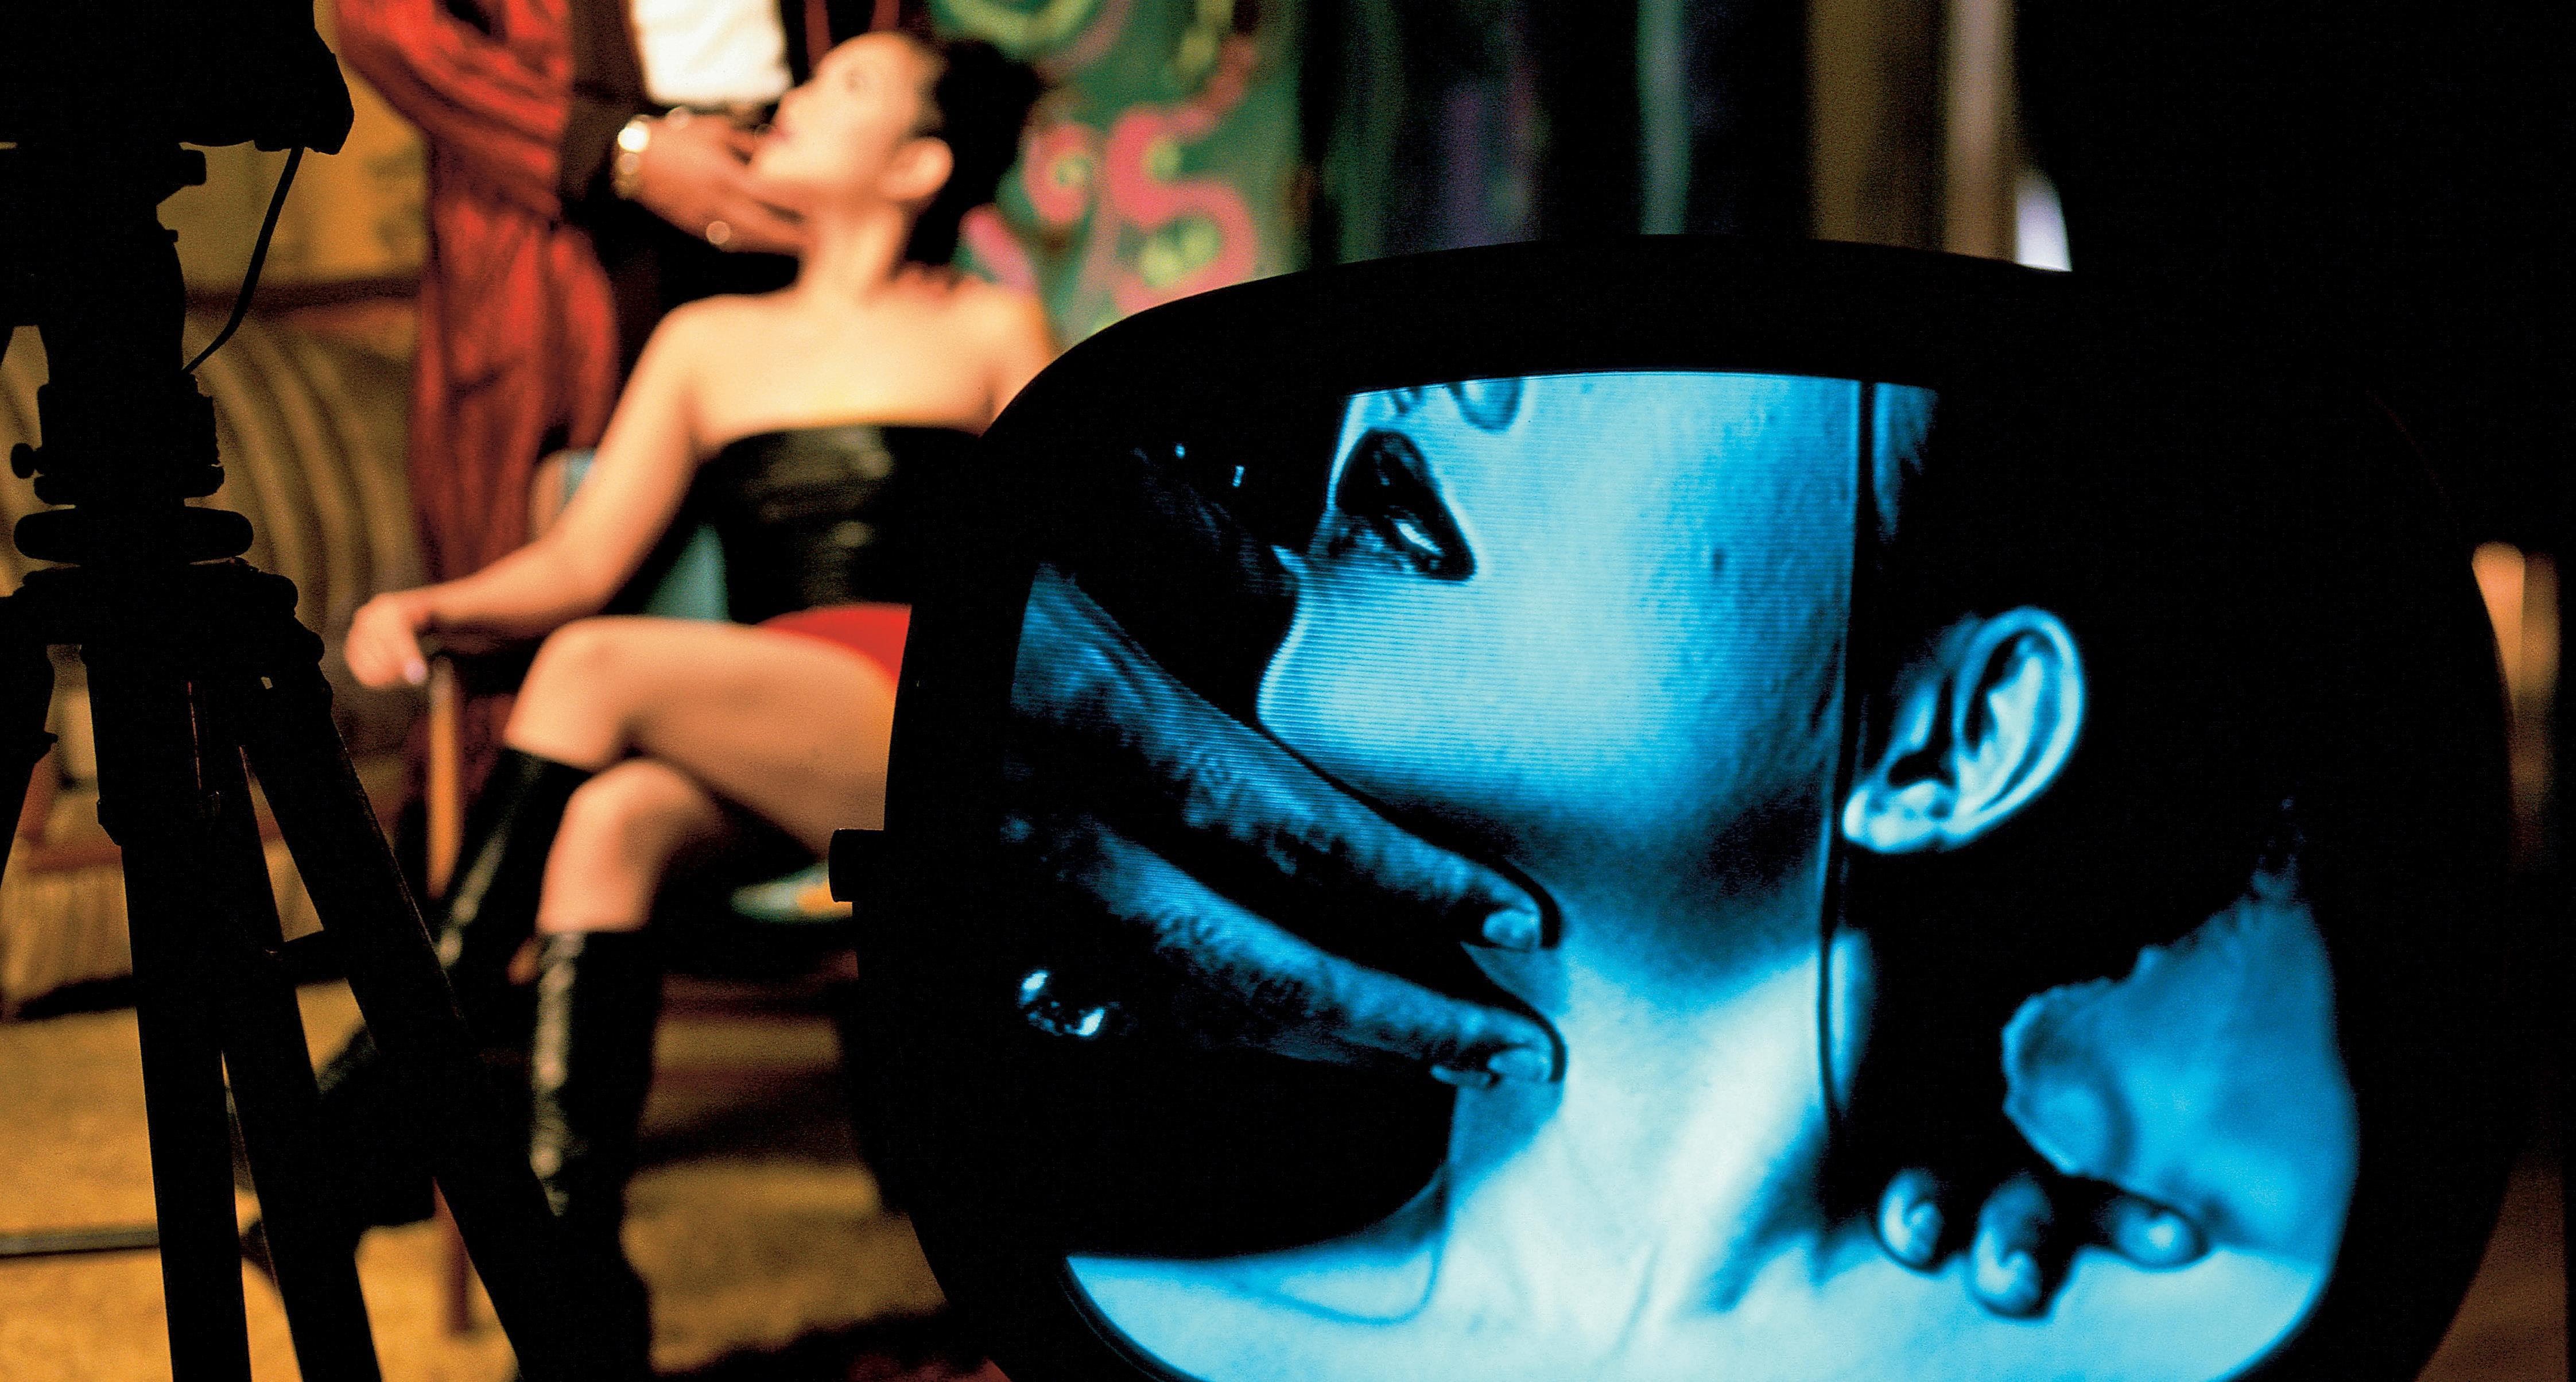 kreskówki porno w języku angielskim Angelina Jolie sex Oralny fotki